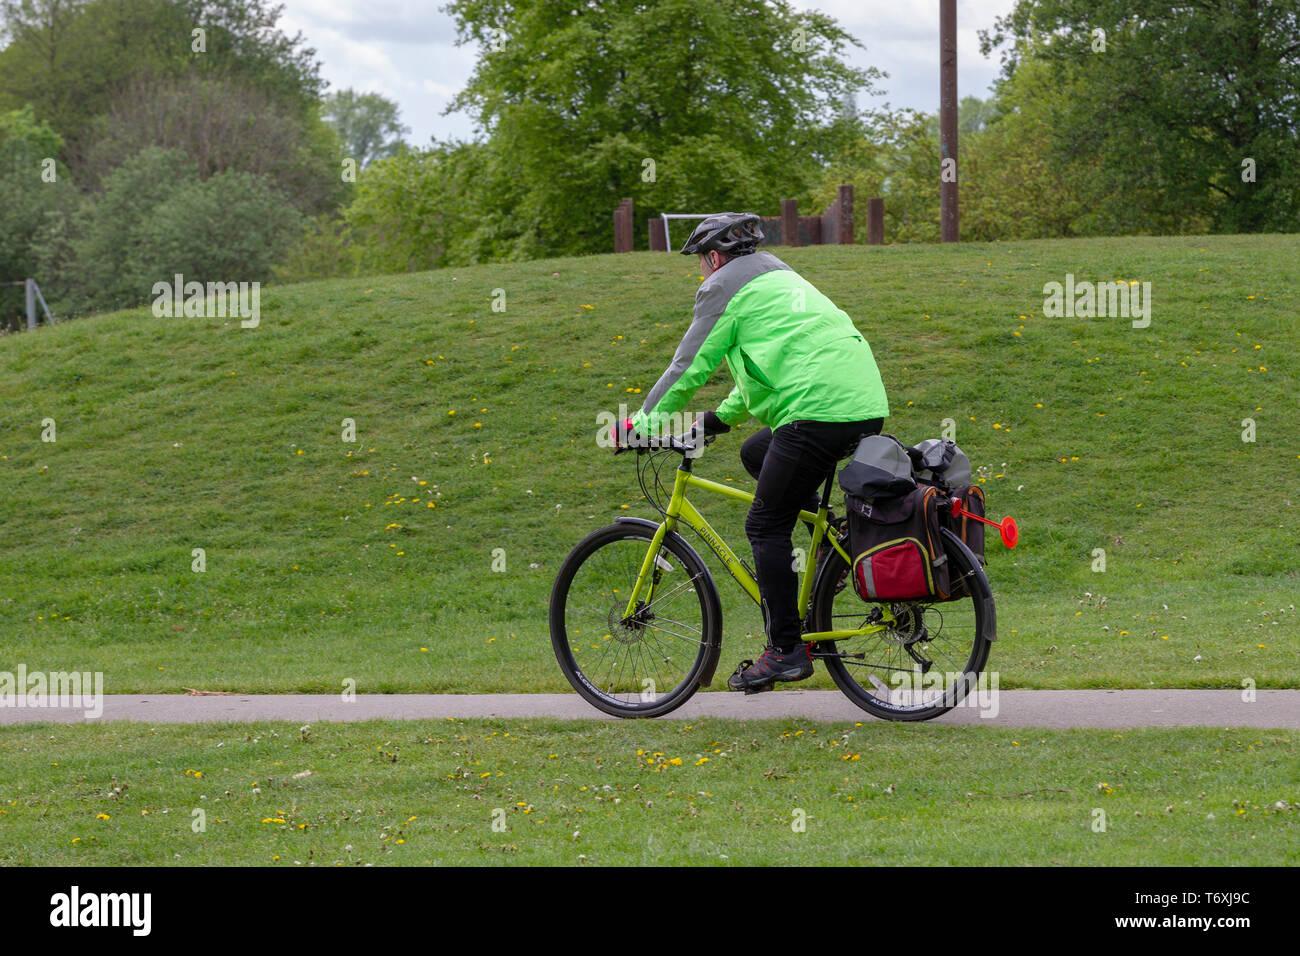 Northampton, Northamptonshire. Il 3 maggio 2019. Meteo. Pomeriggio Acquazzoni all'ippodromo nei pressi del centro della città, rendendolo molto tranquilla nel parco. Credito: Keith J Smith./Alamy Live News Immagini Stock